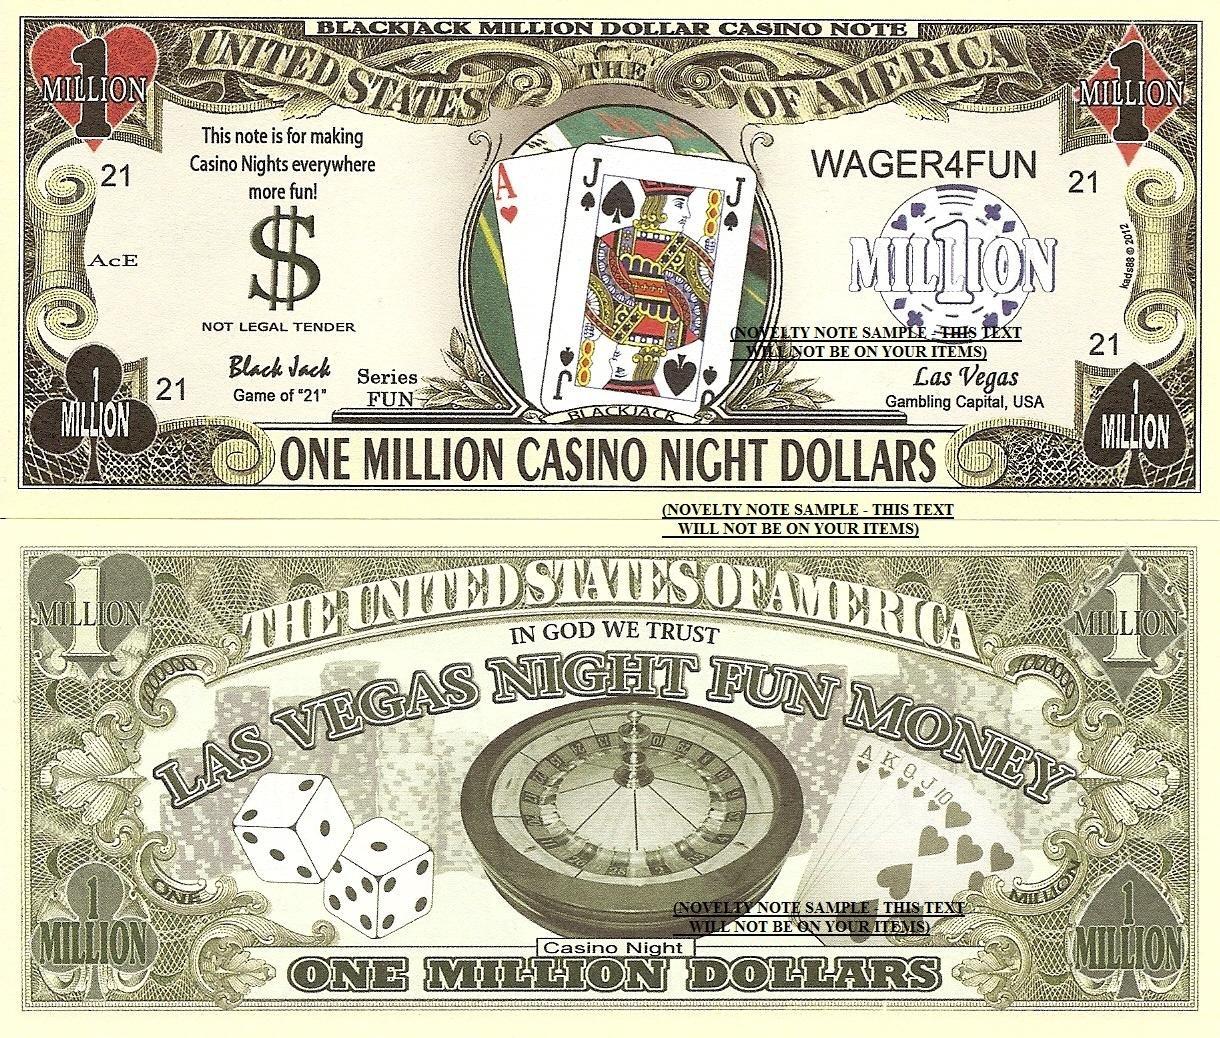 Dollar casino